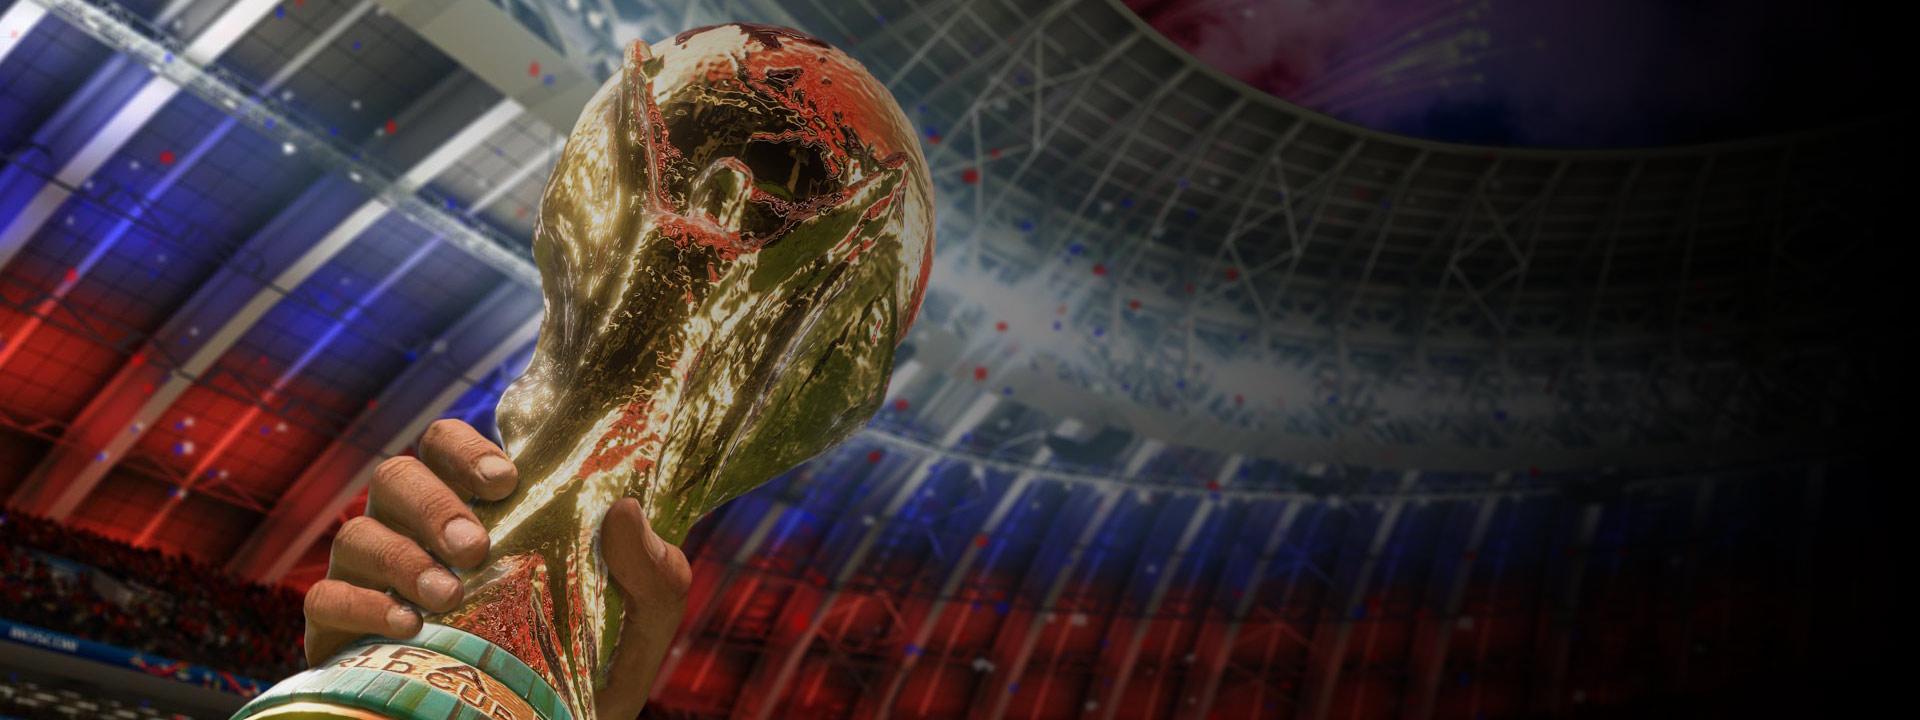 Vista de uma mão levantando a taça da Copa do Mundo da FIFA de 2018 com confetes caindo em um estádio ao fundo